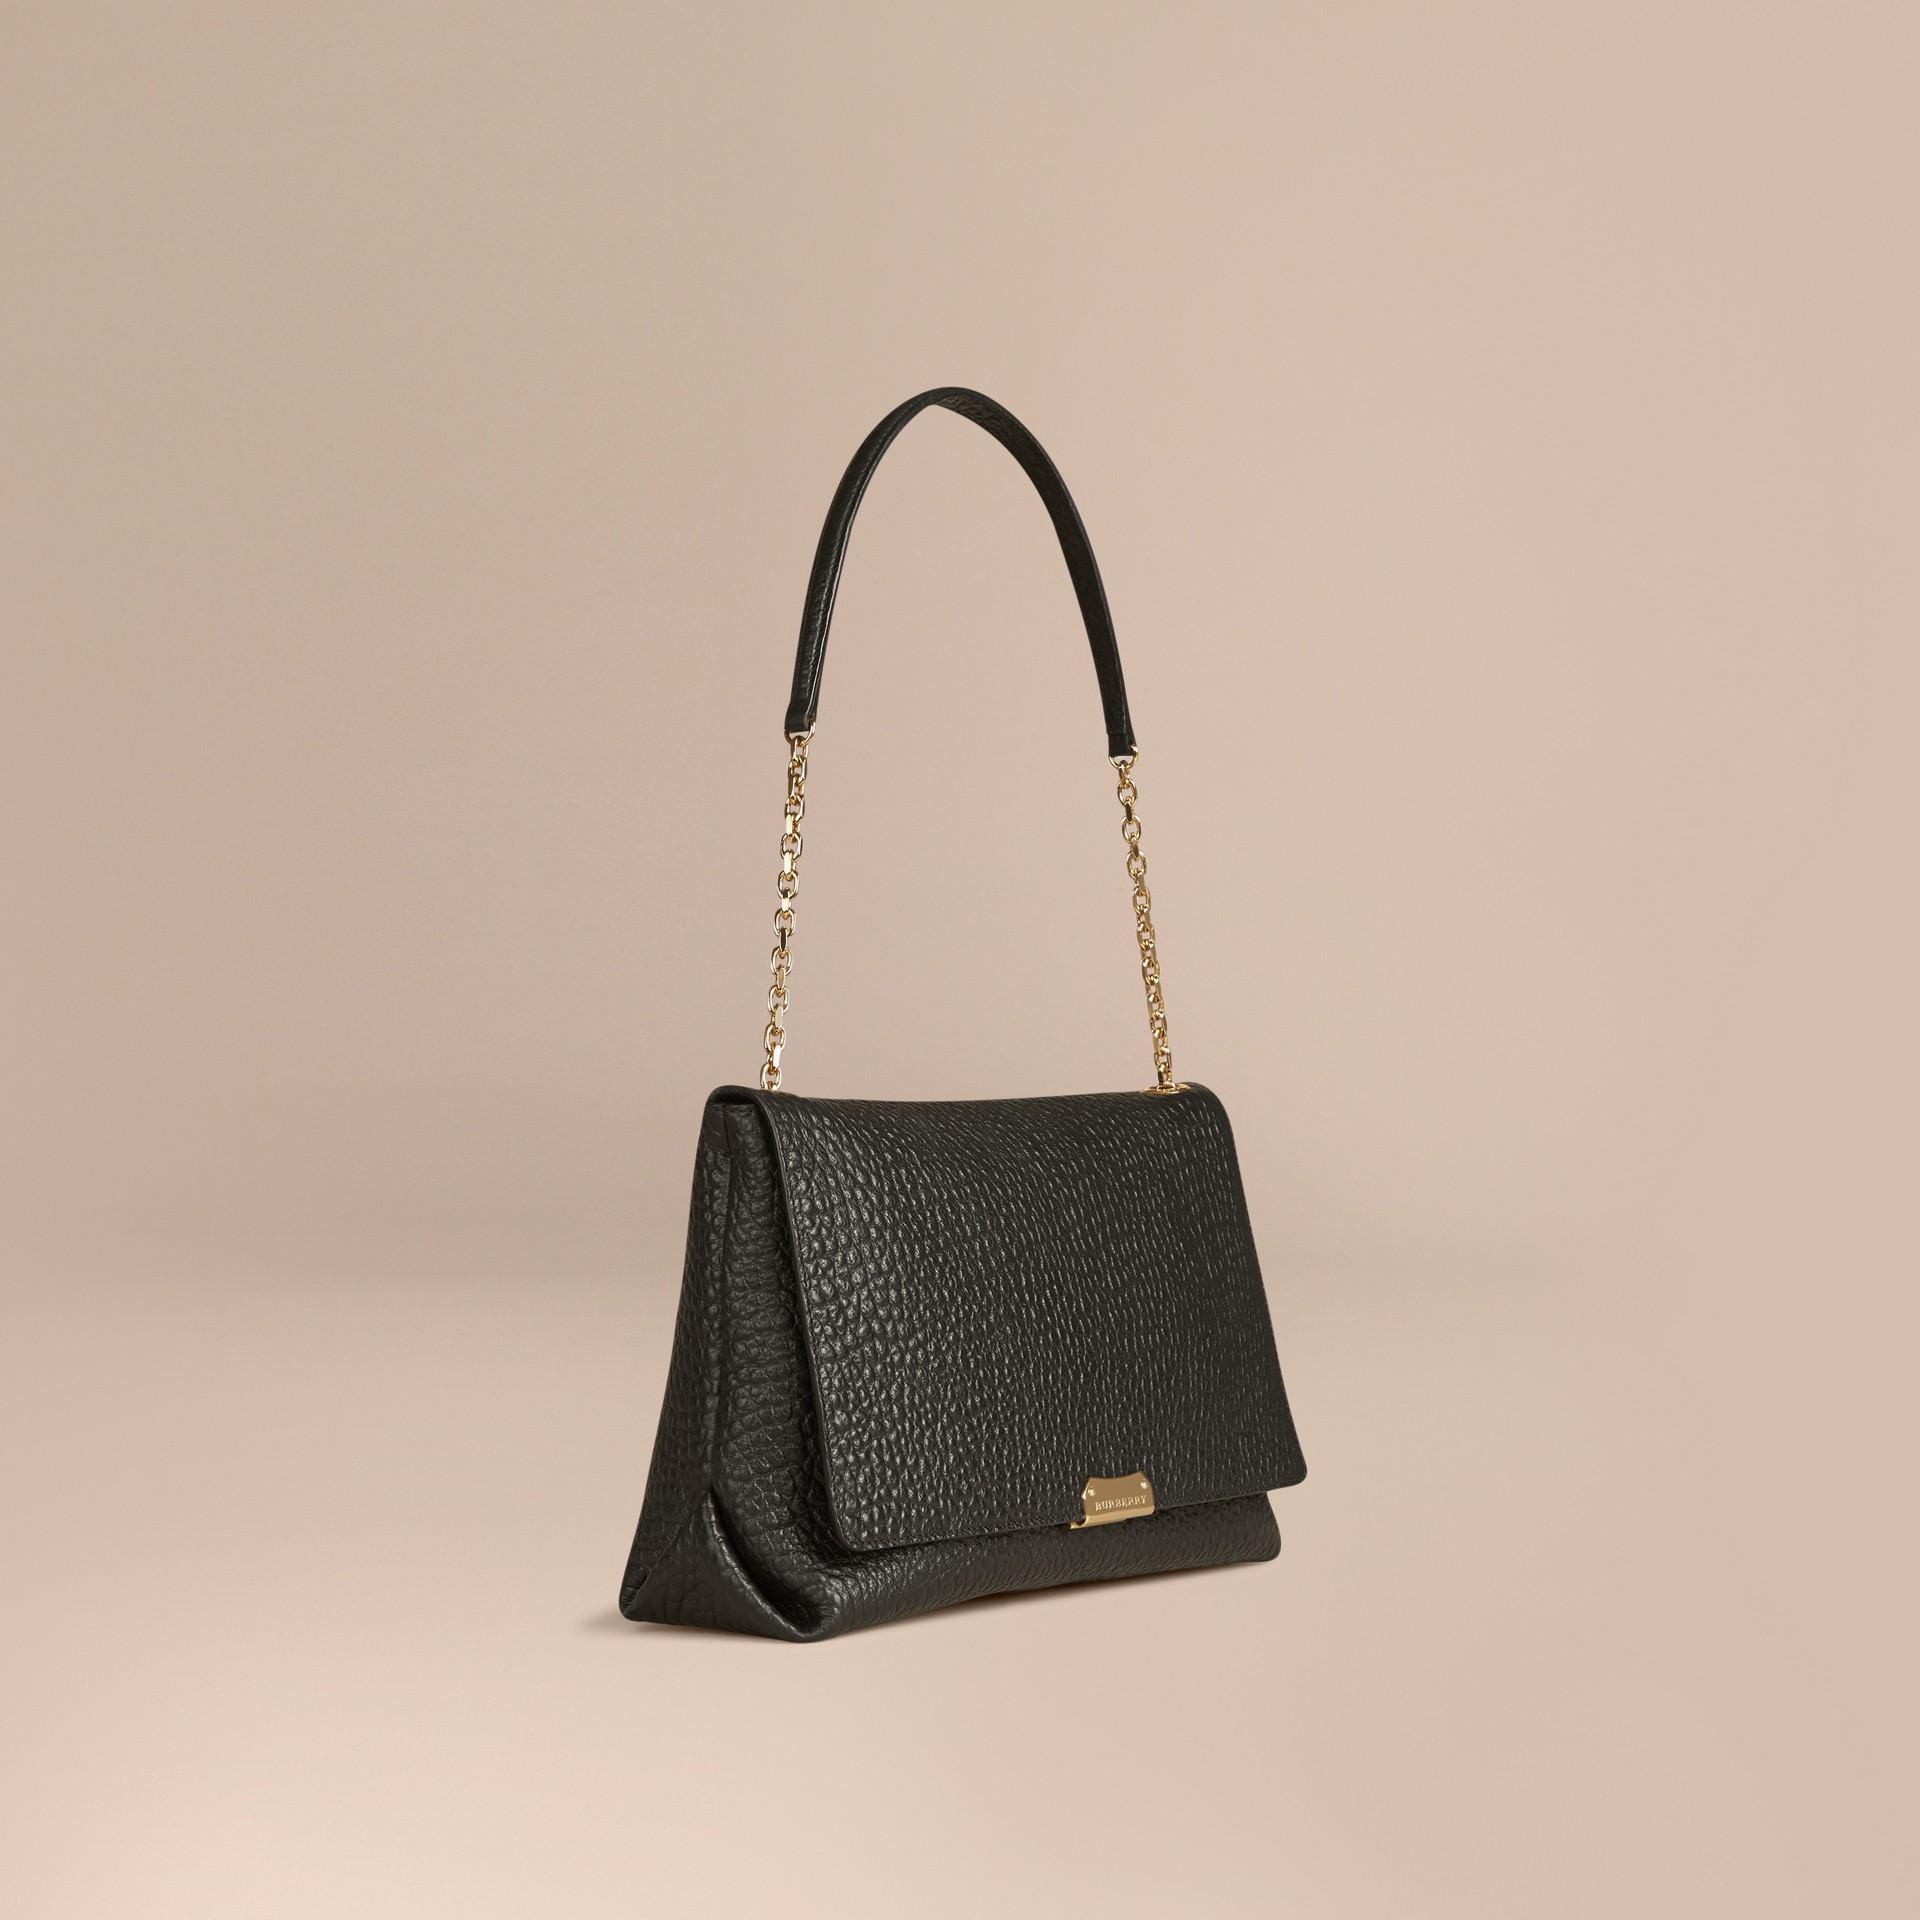 Noir Grand sac porté épaule en cuir grainé emblématique Noir - photo de la galerie 1